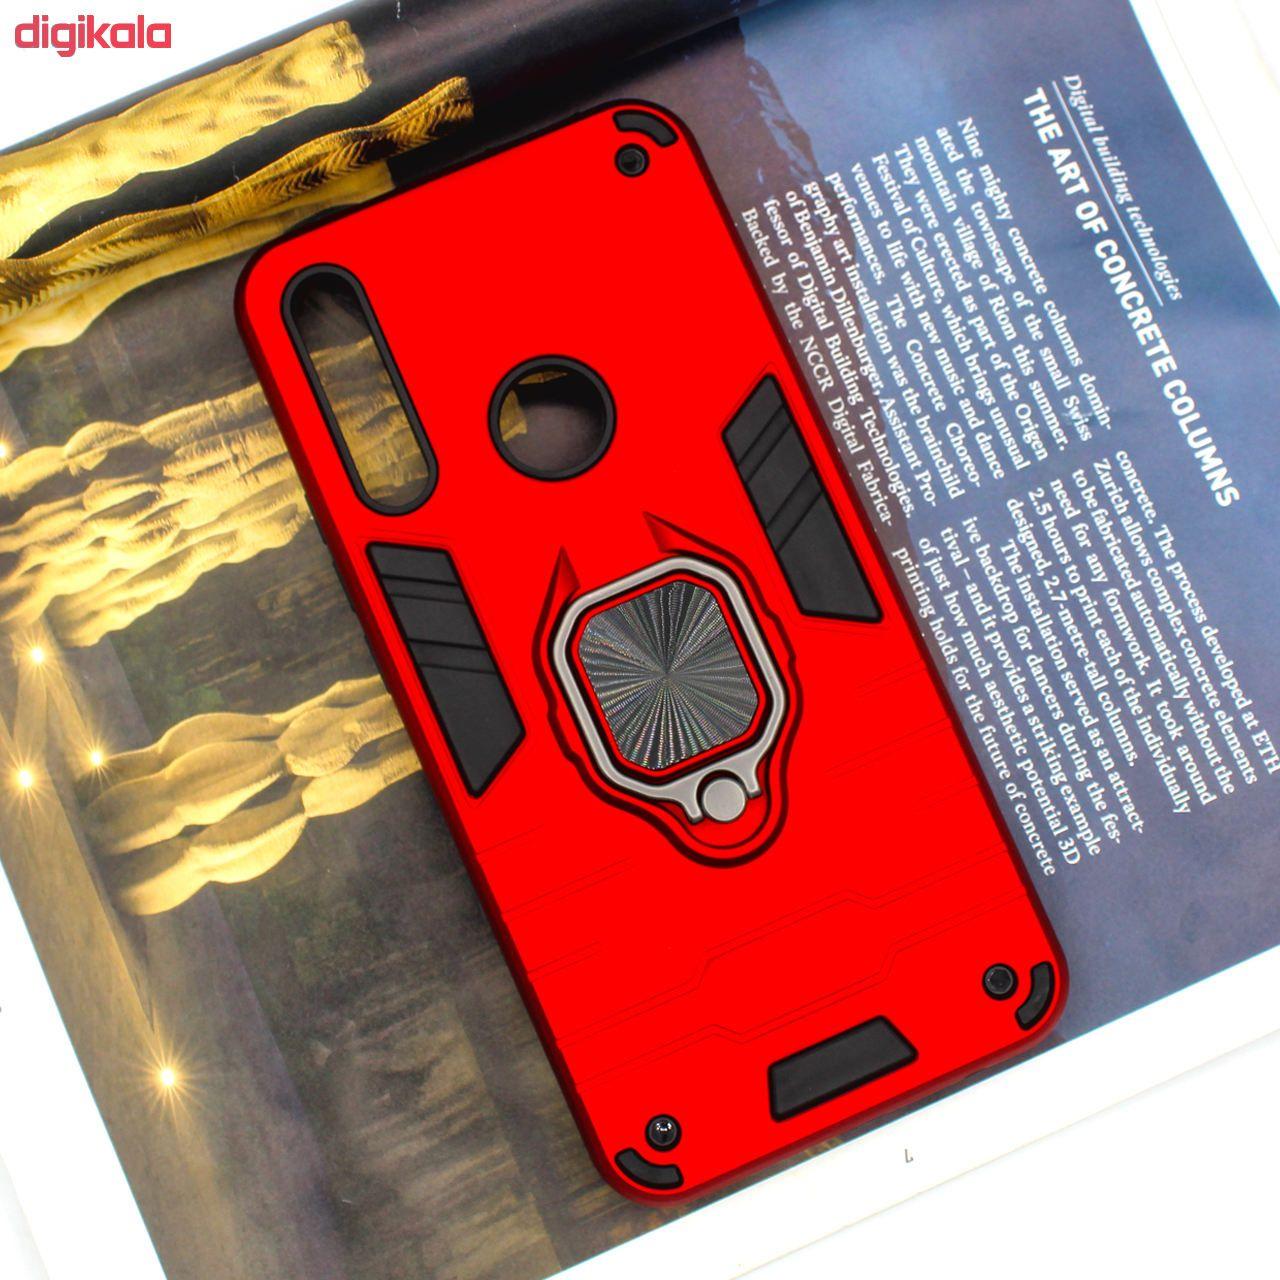 کاور کینگ پاور مدل ASH22 مناسب برای گوشی موبایل هوآوی P30 Lite main 1 7